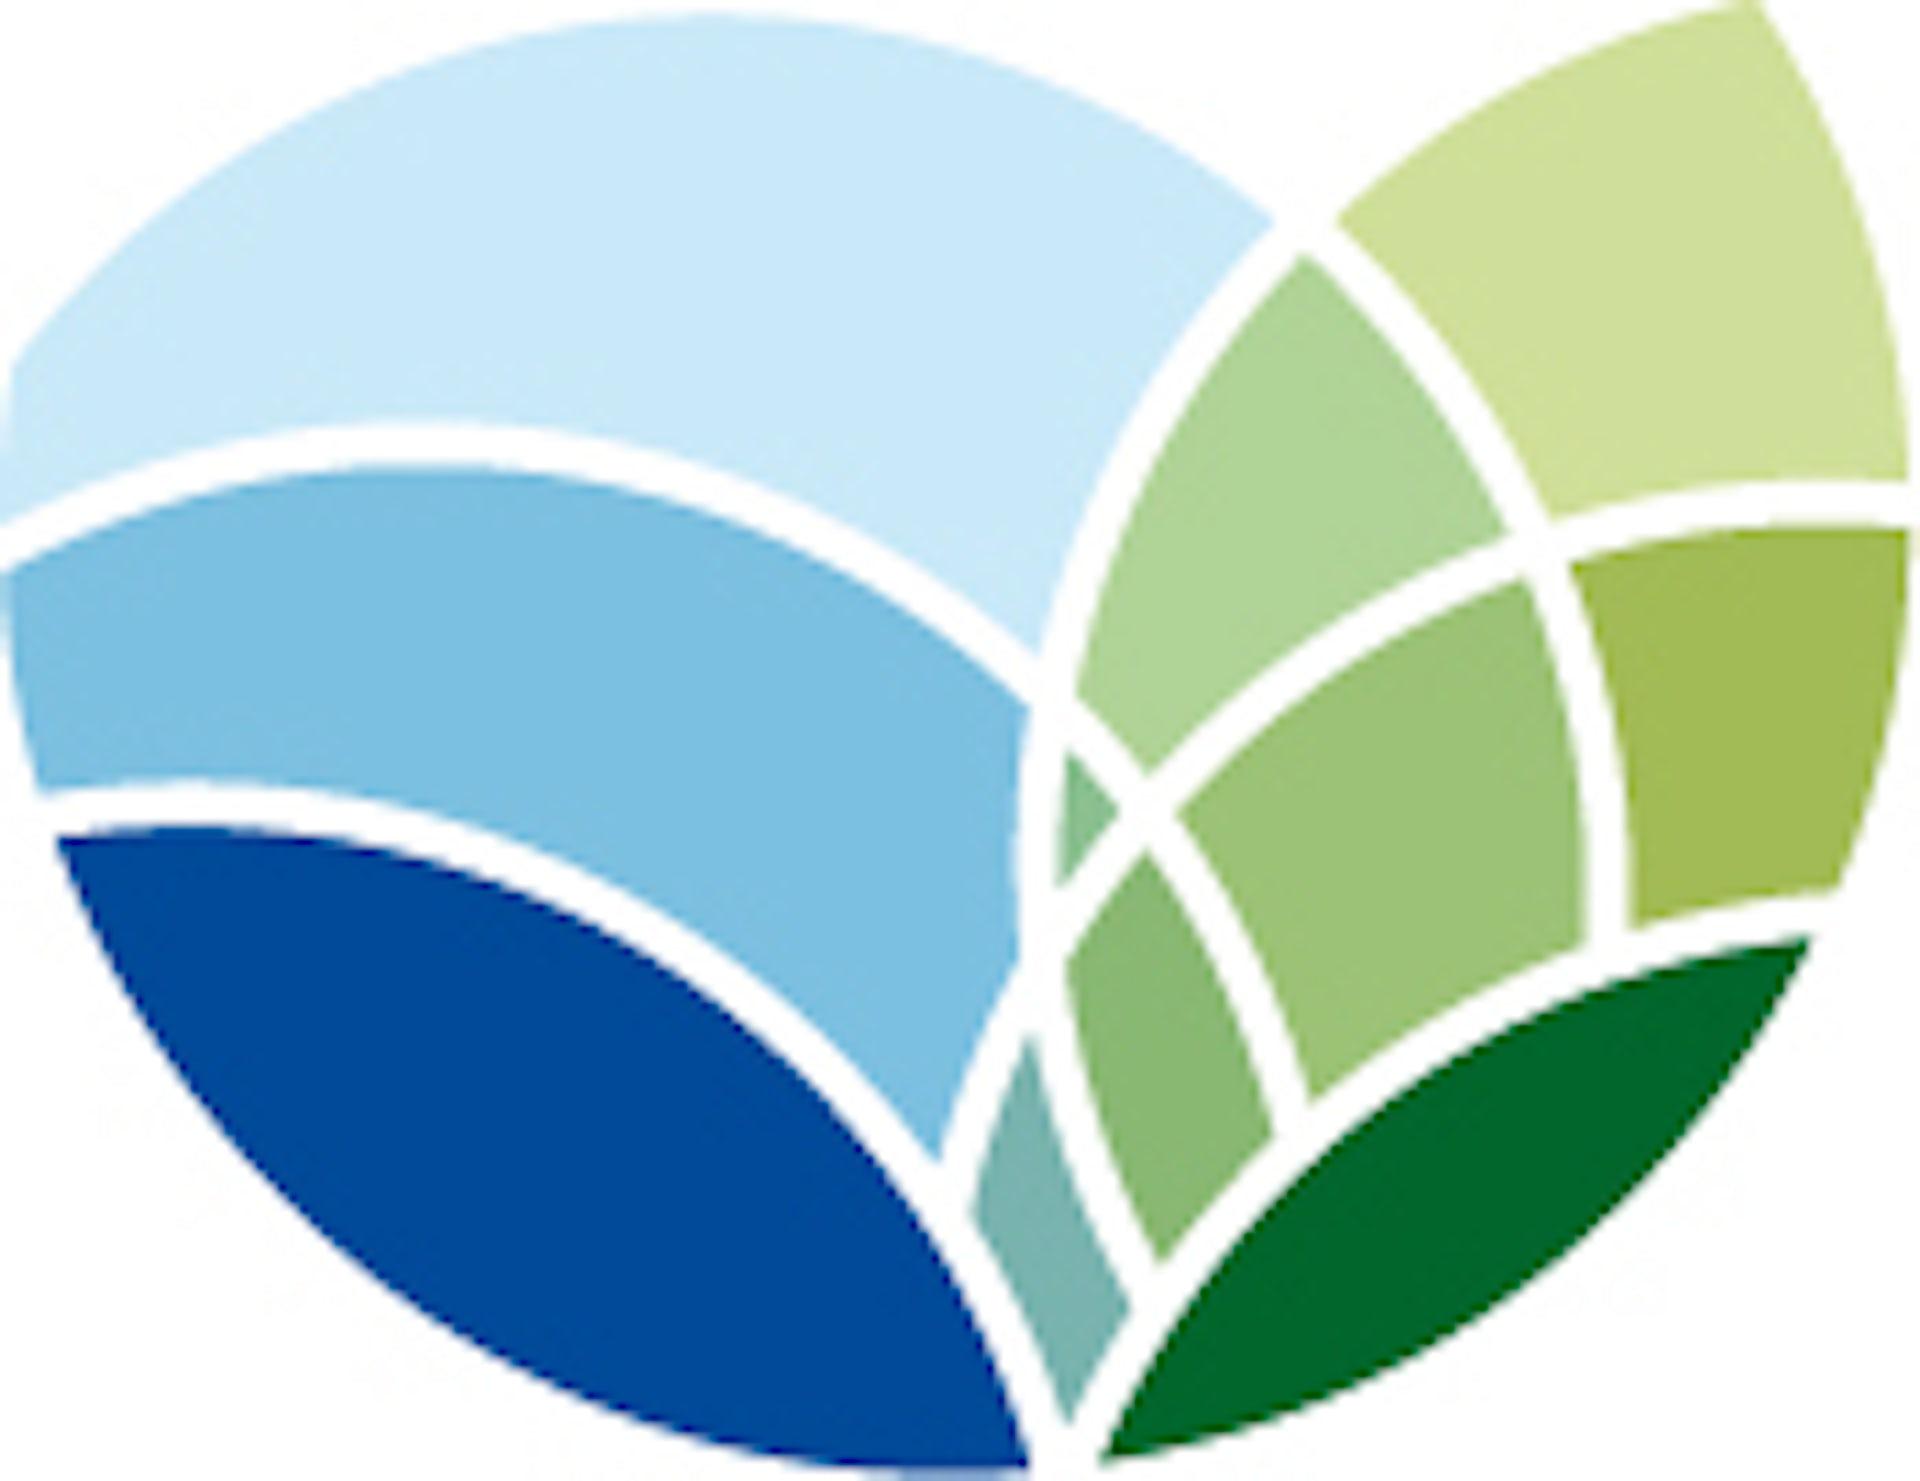 Logo 1462520887.jpg?ixlib=rb 1.1